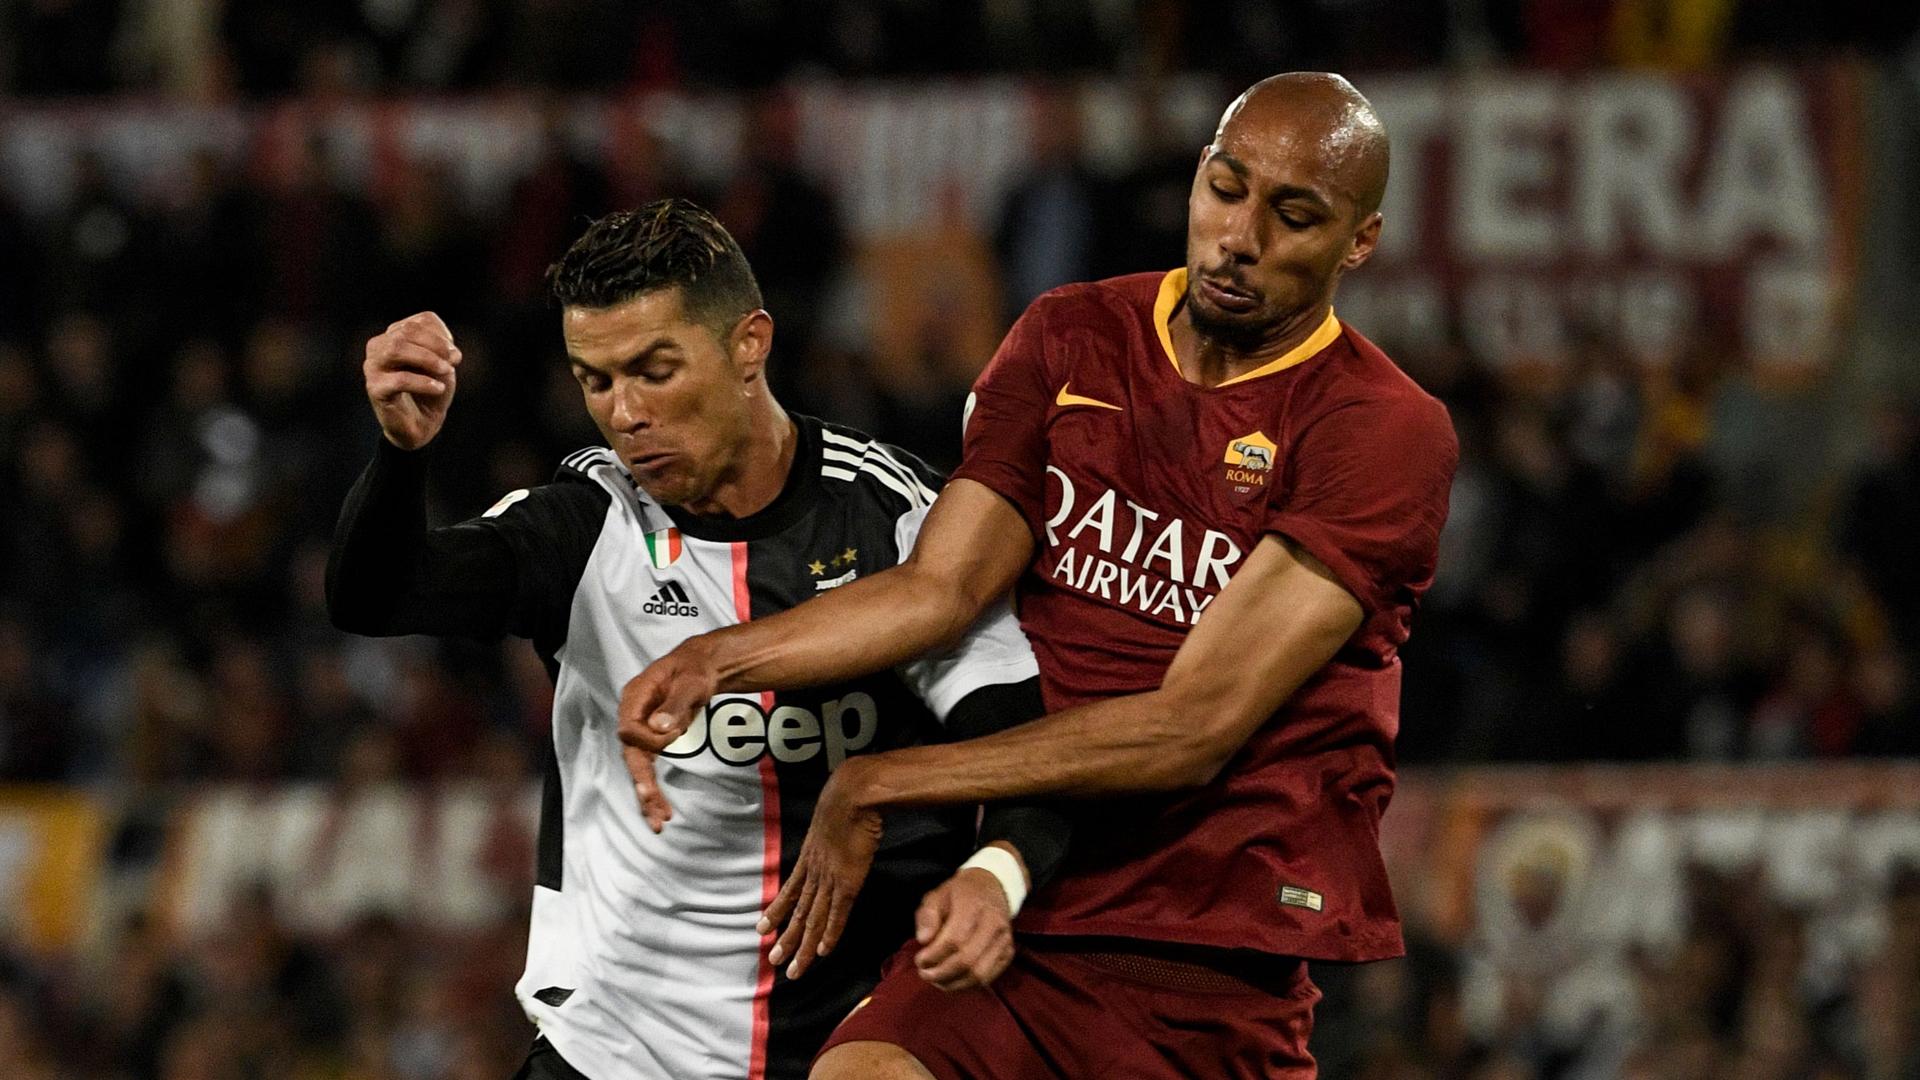 Sorteggio Coppa Italia, possibile Roma-Juventus già nei quarti di finale